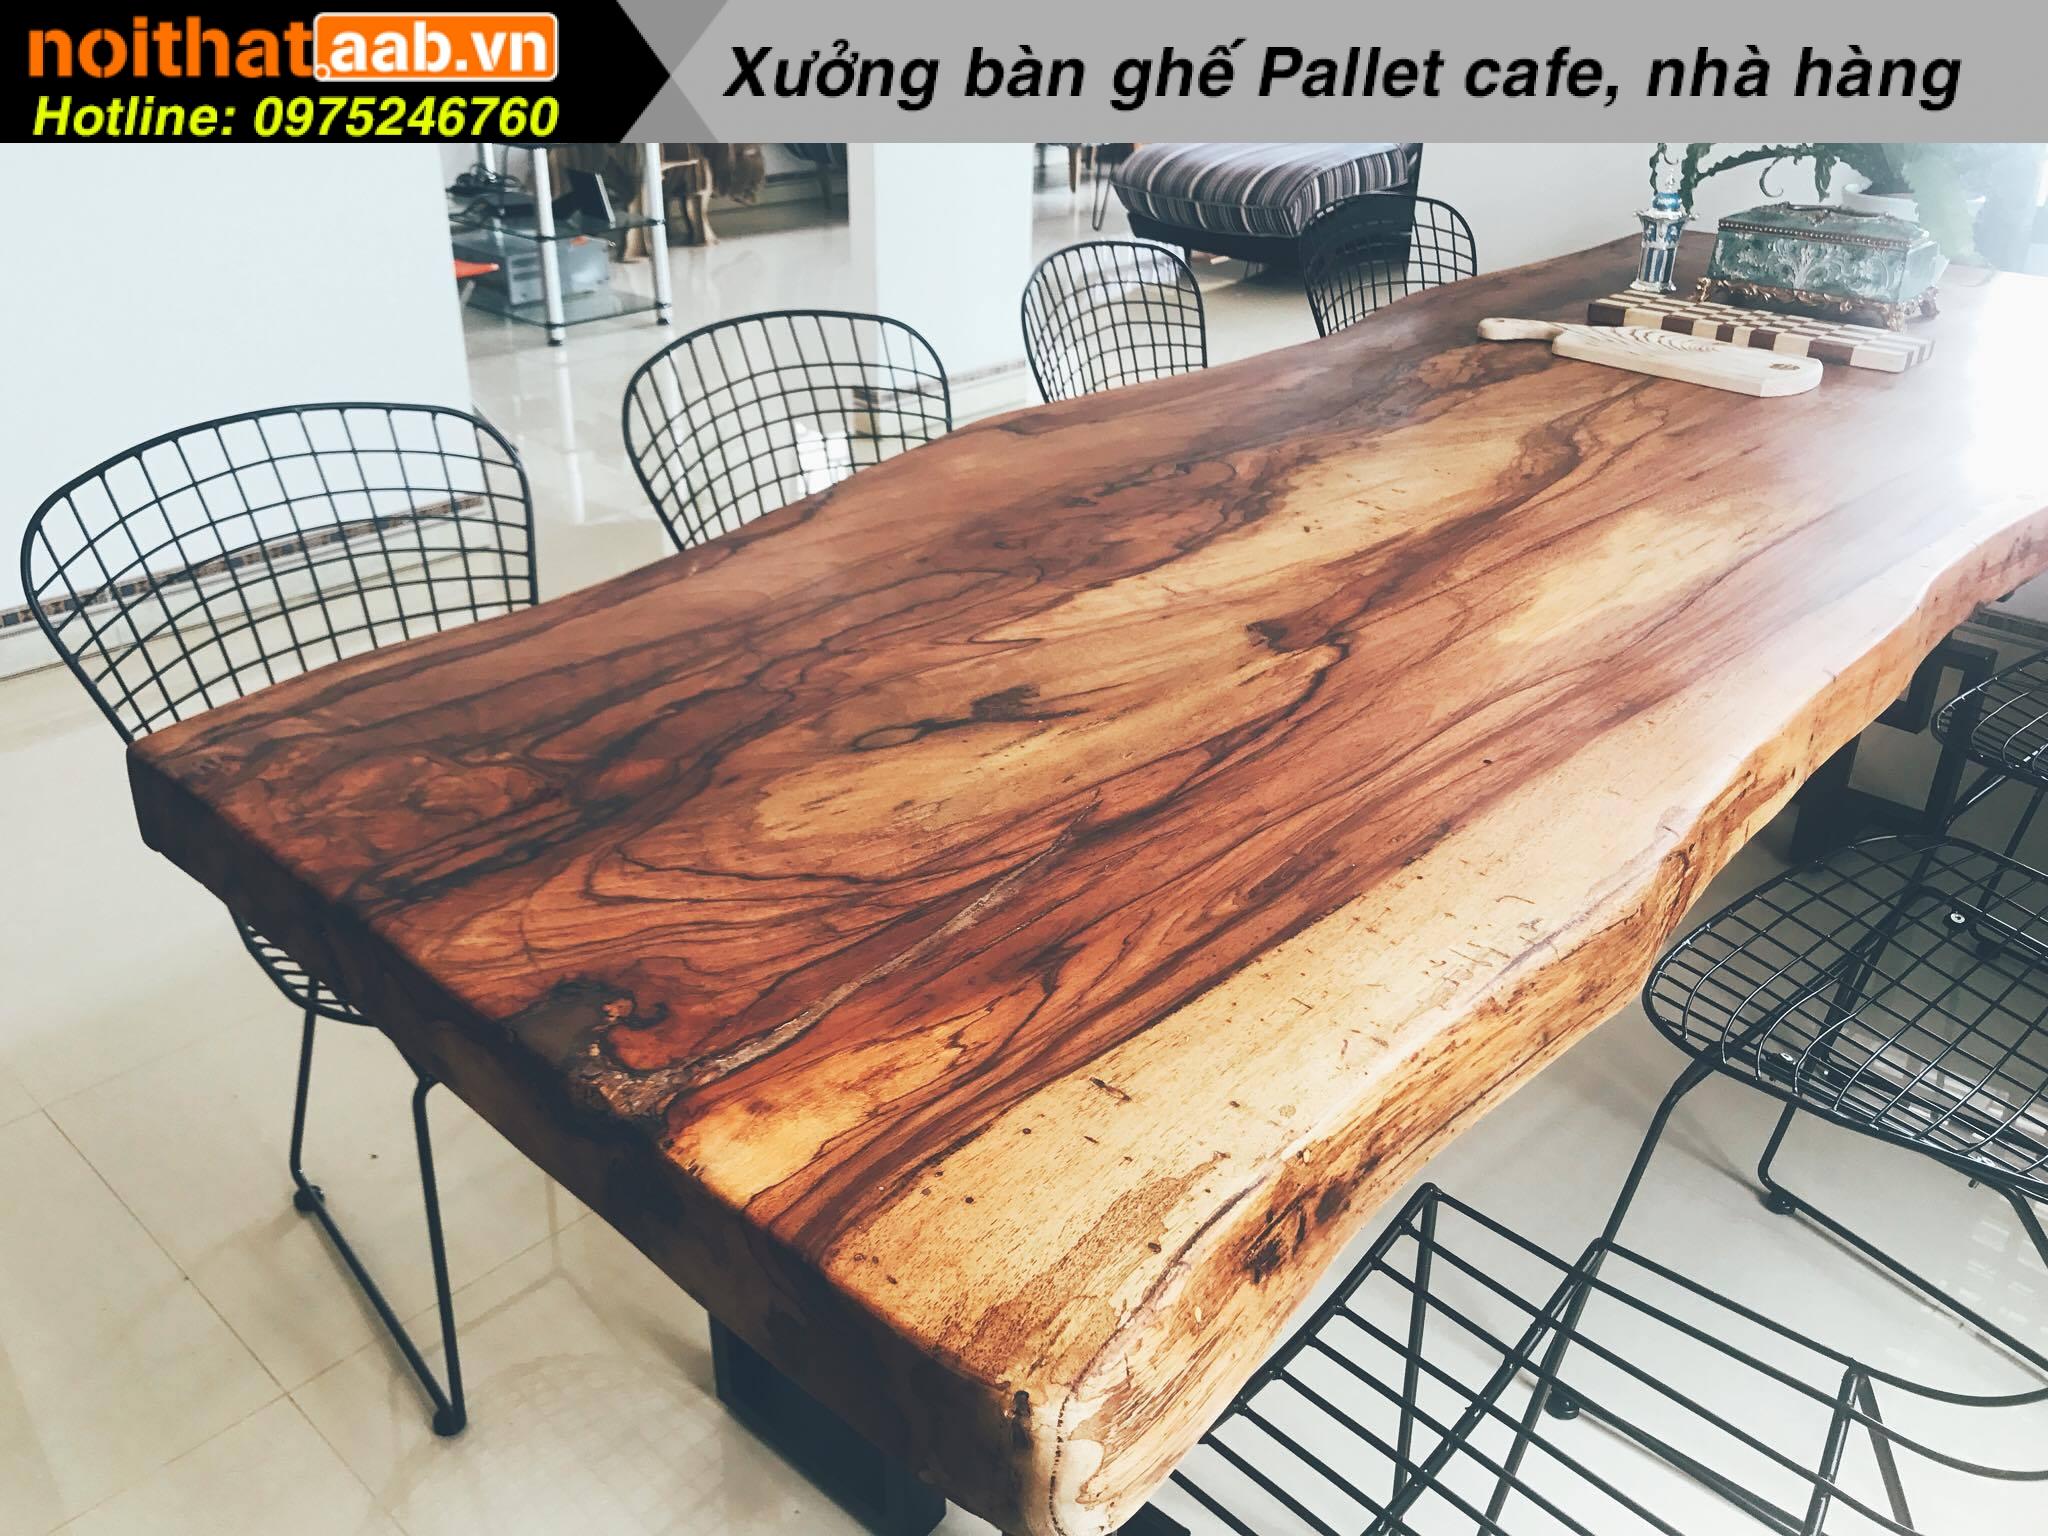 Lựa chọn gỗ cho bàn ghế